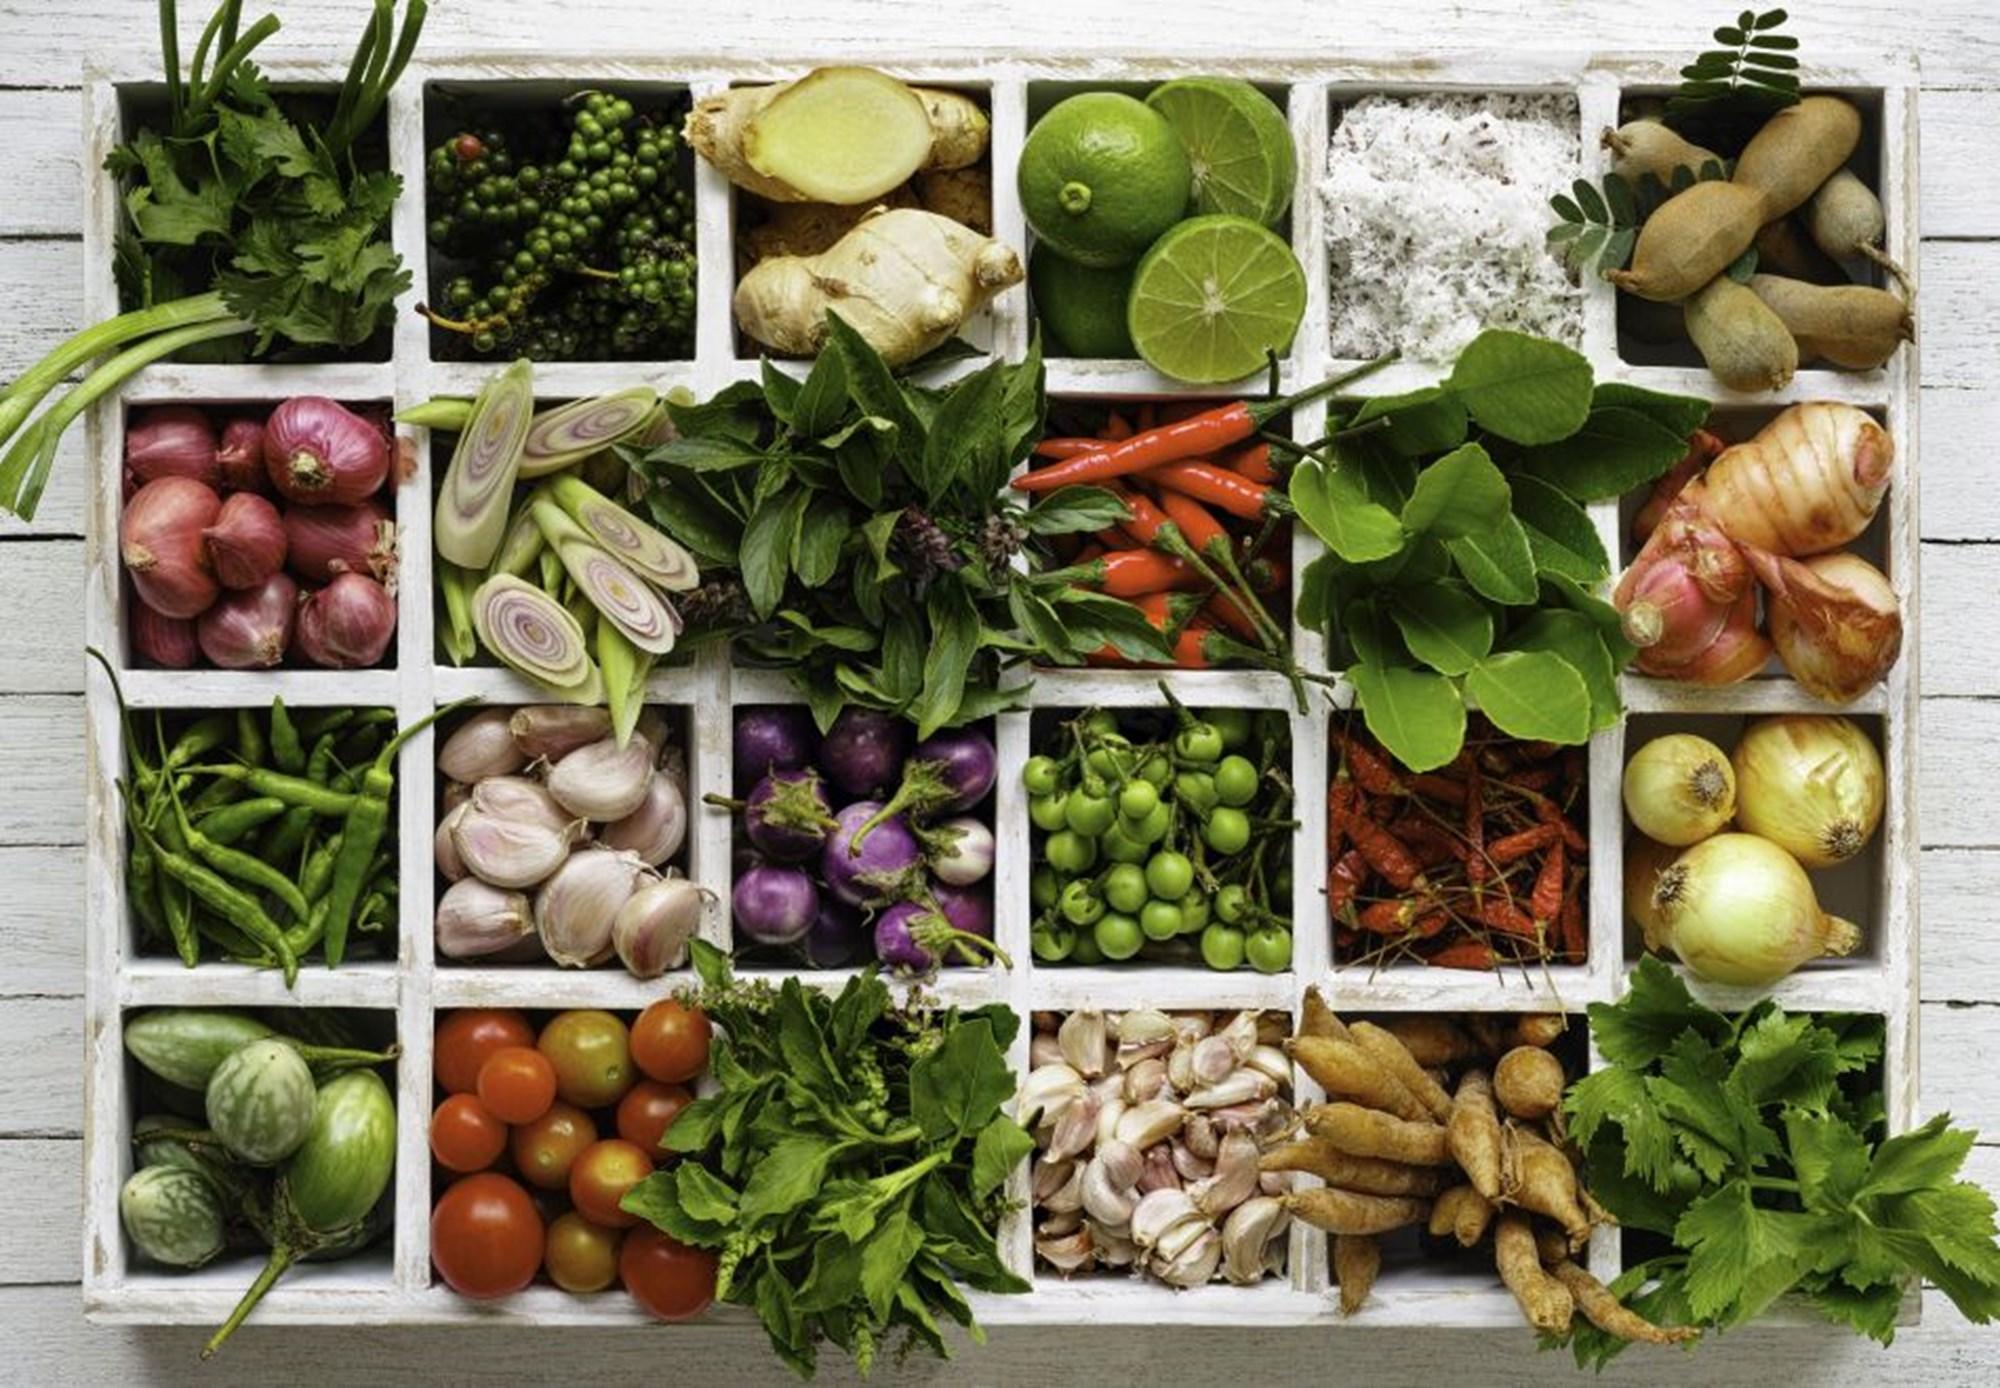 Biologische Ernährung könnte Krebsrisiko um 25 Prozent senken